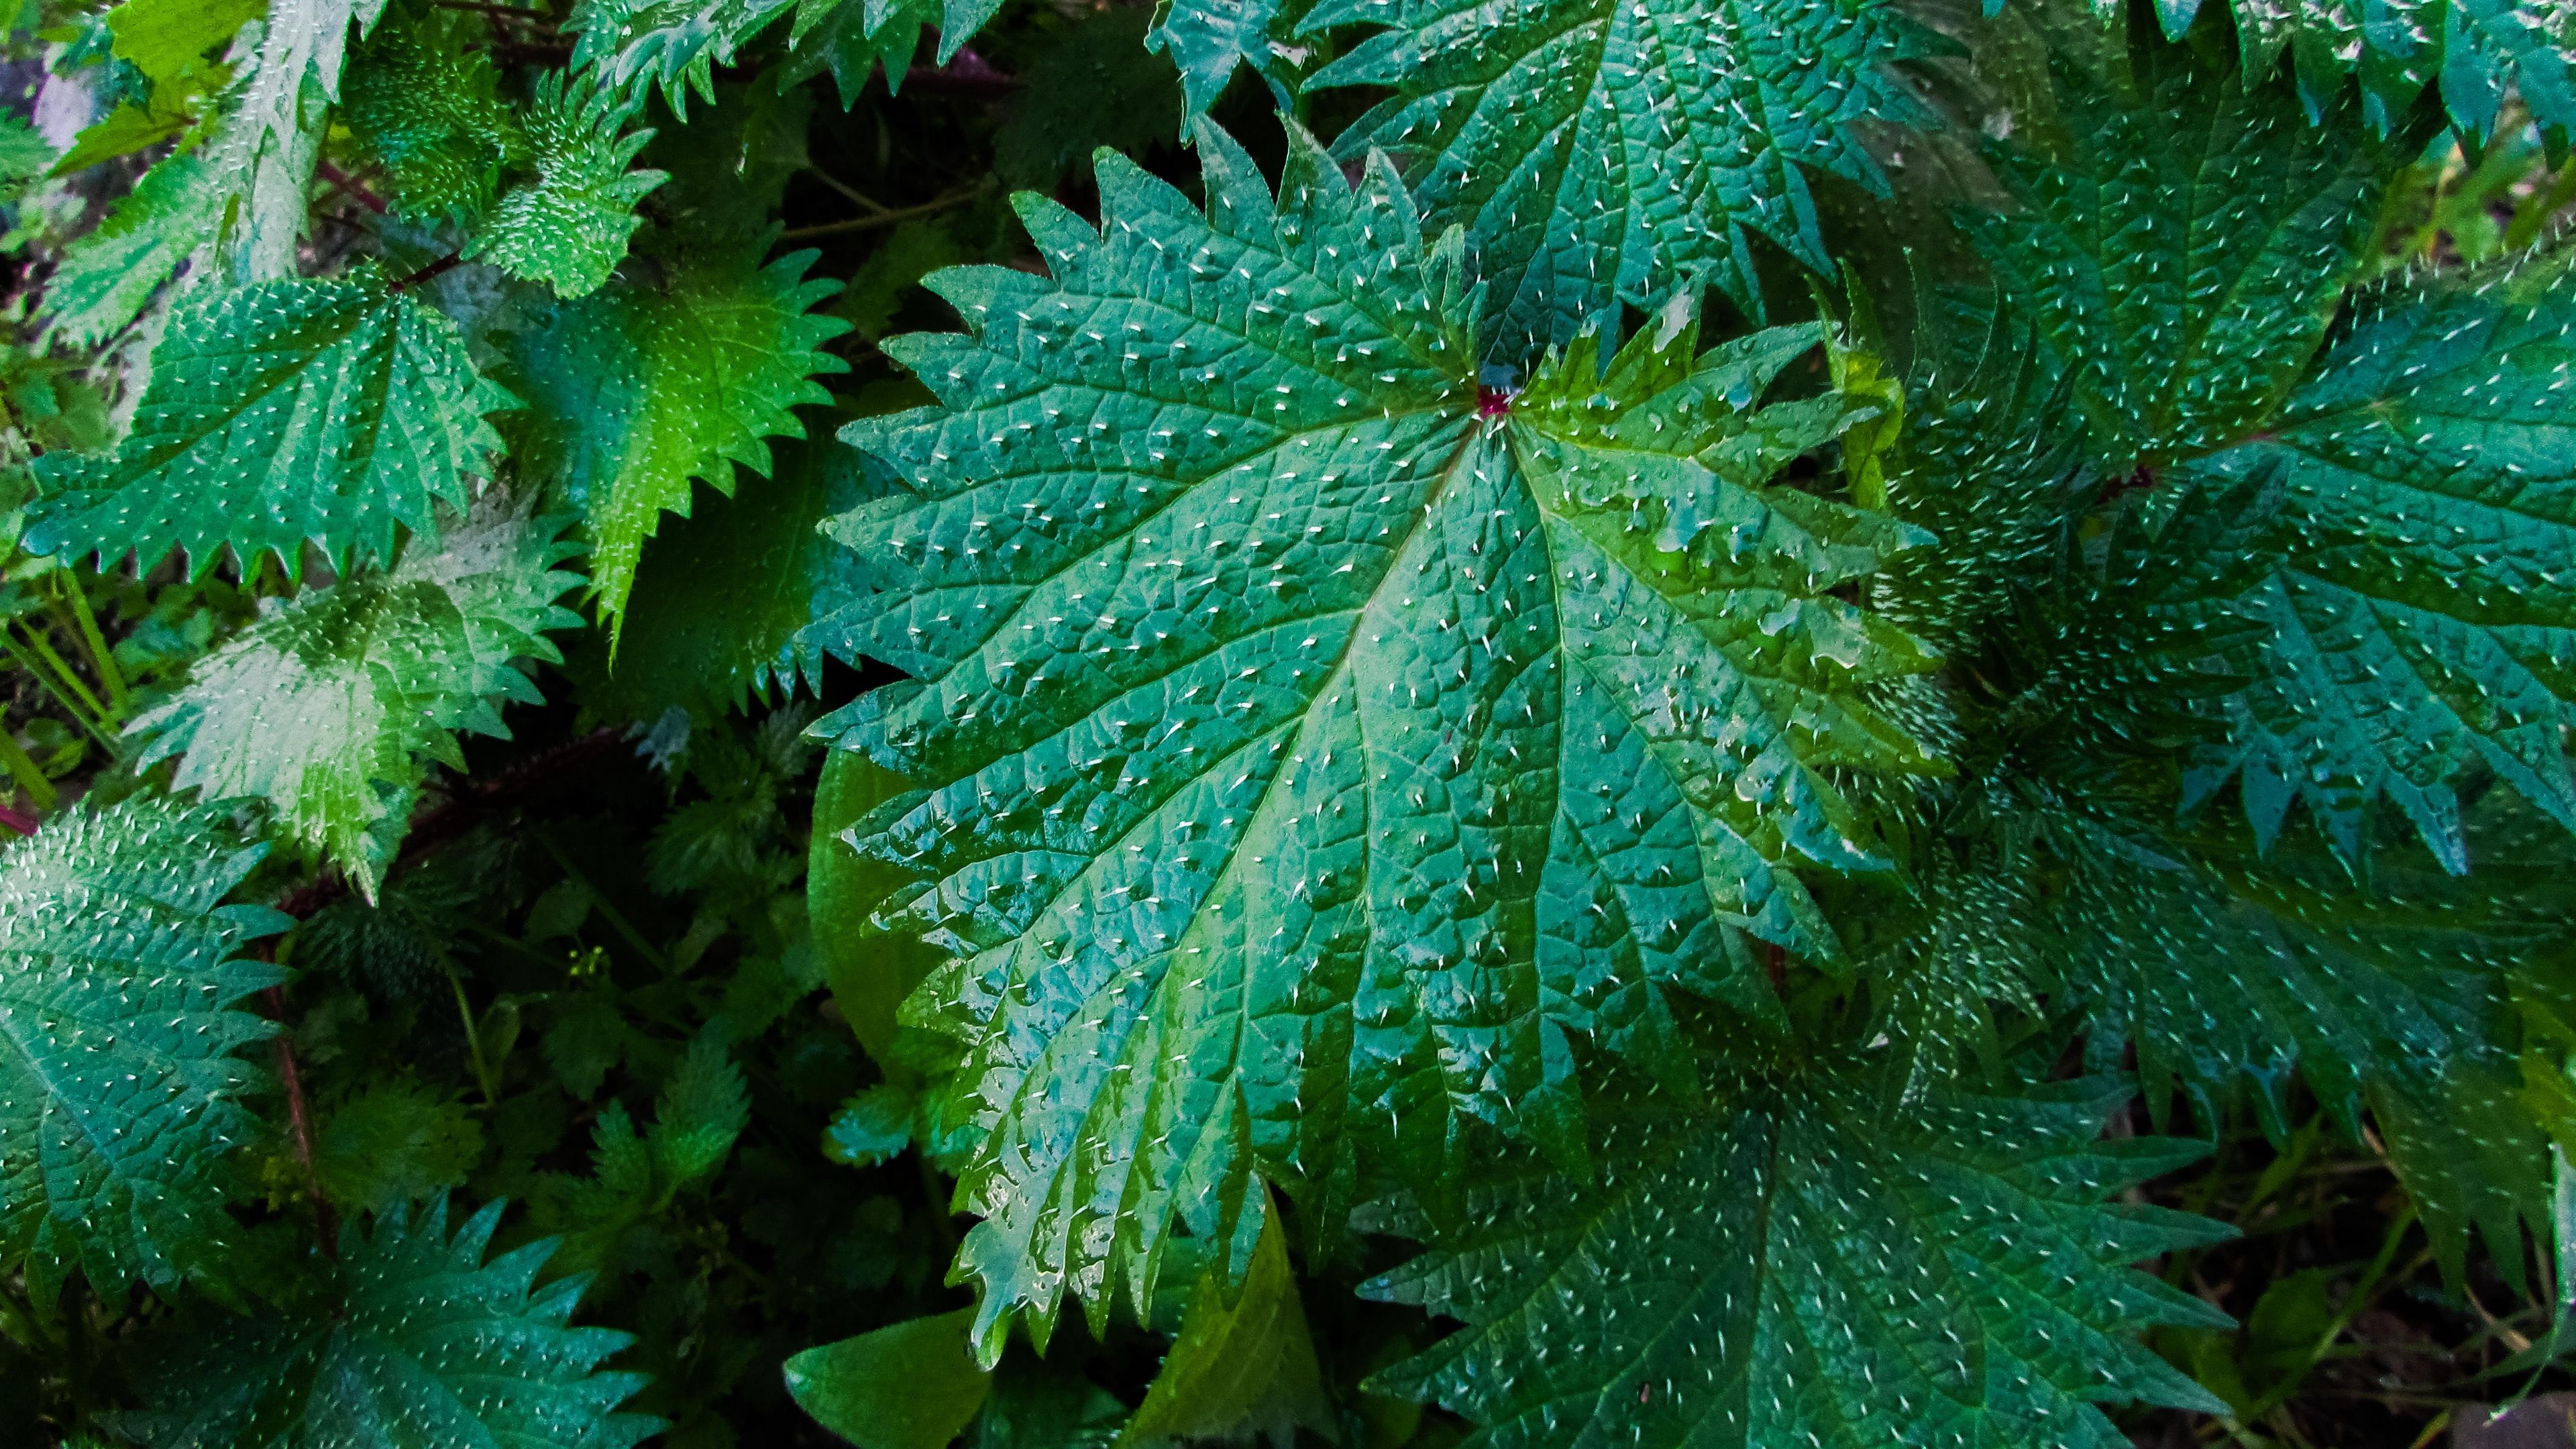 nettle leaves drops close up 4k 1541116381 - nettle, leaves, drops, close-up 4k - nettle, Leaves, Drops